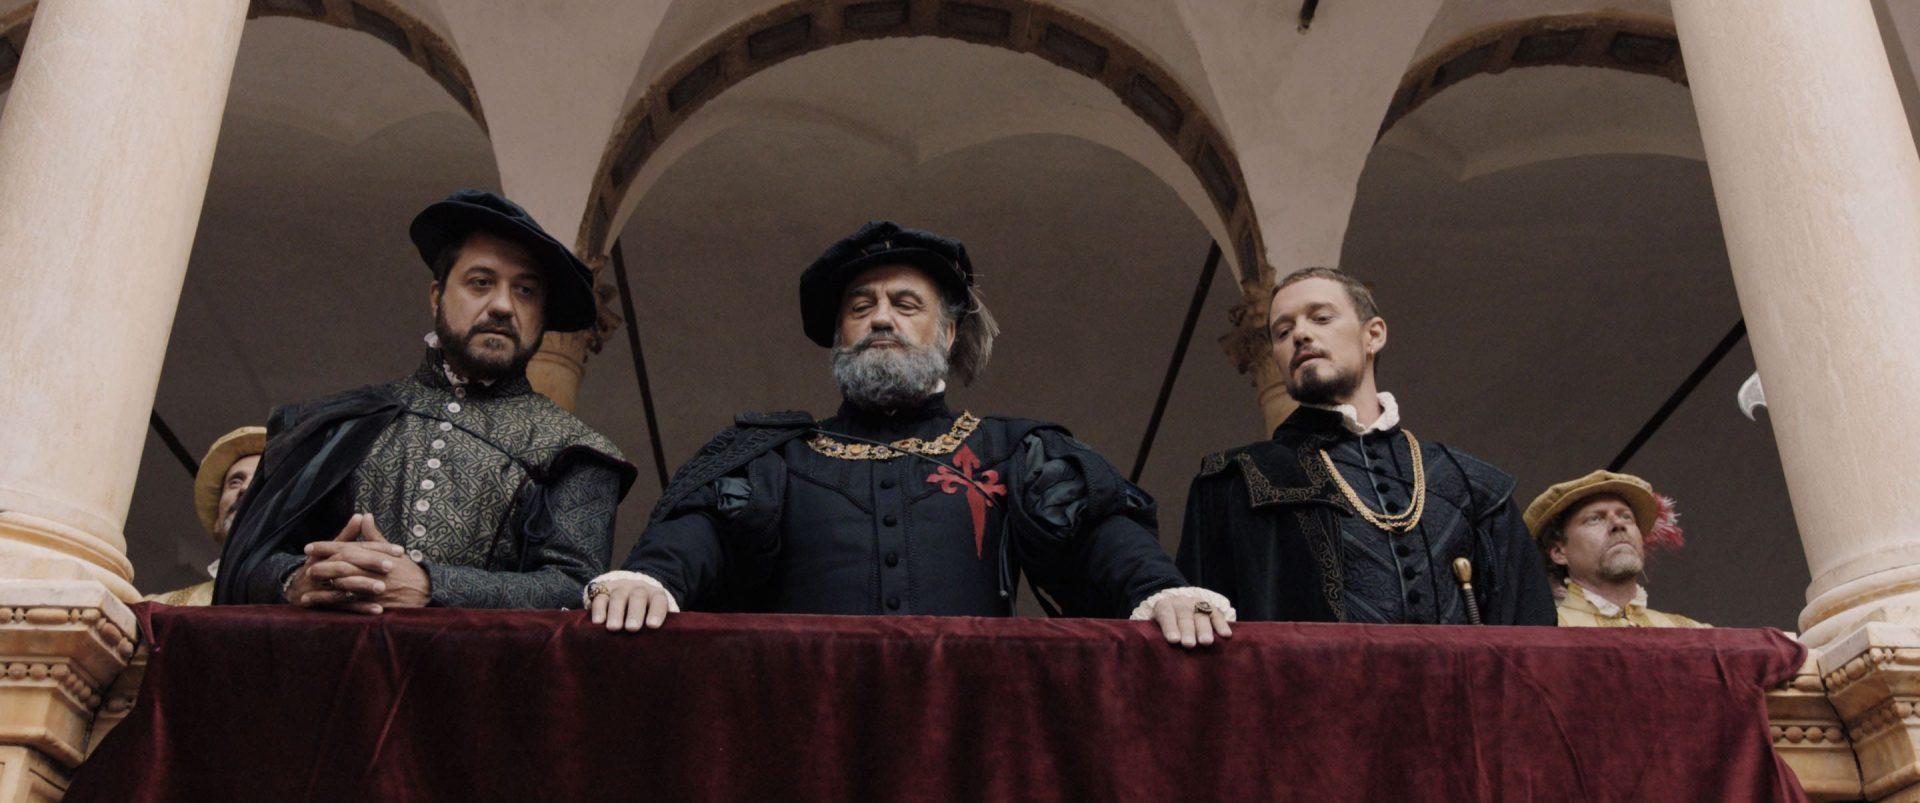 Enrique Arce, Francesc Orella y Federico Aguado, rodaje 'Inés del alma mía' (2019)